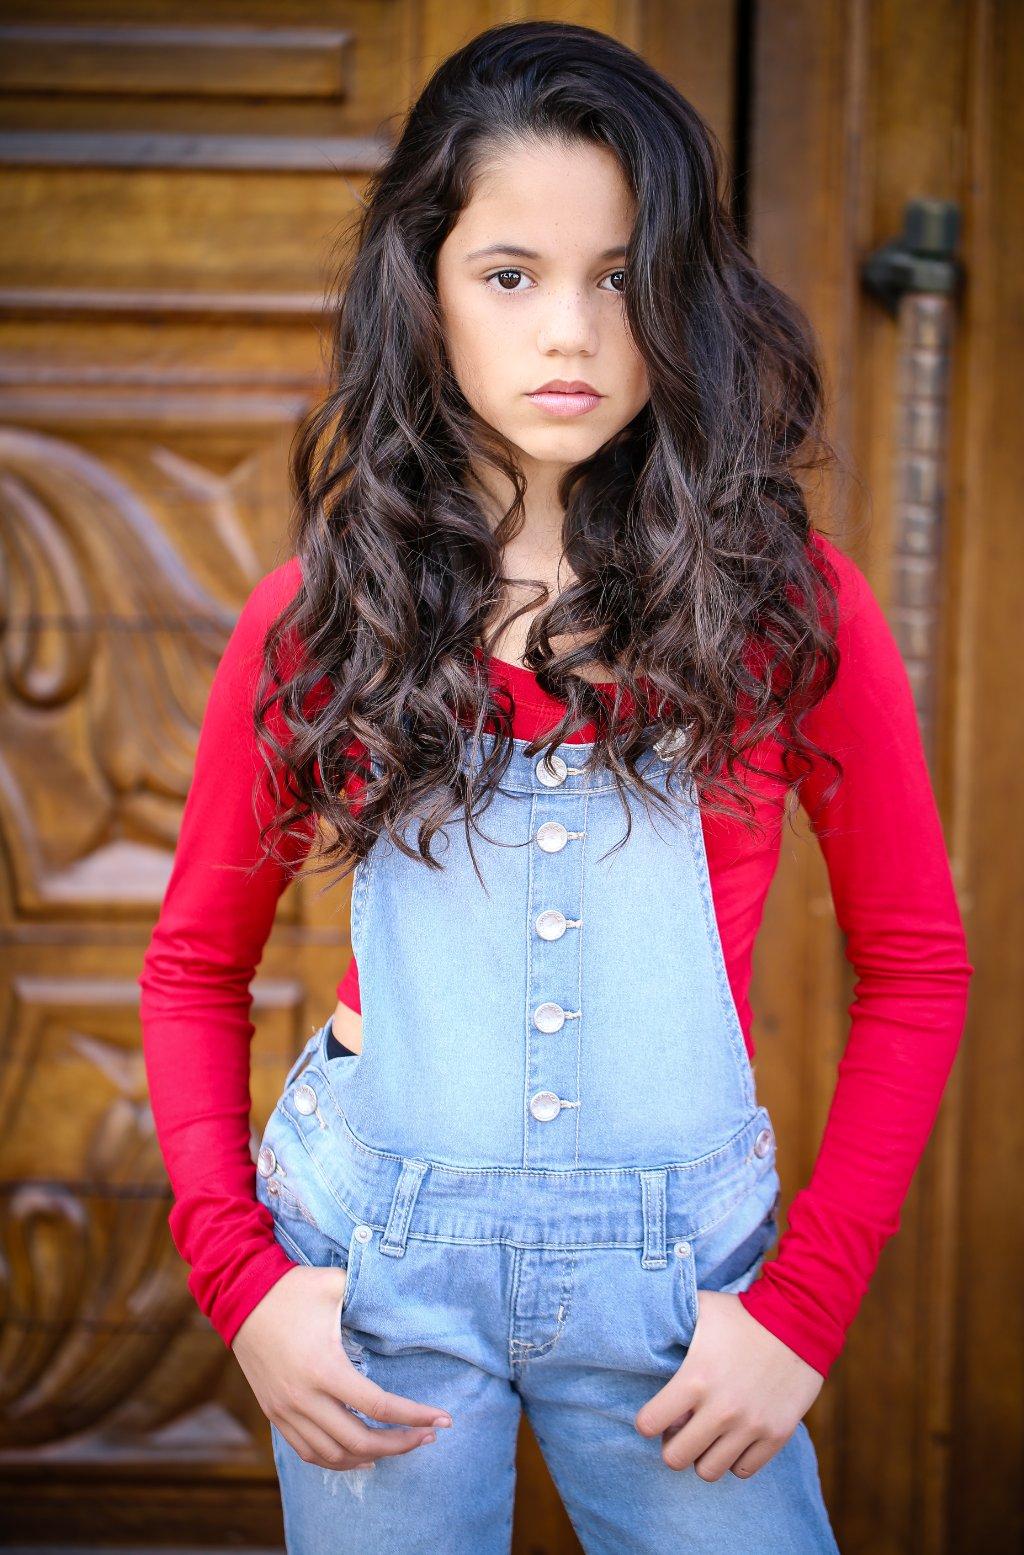 Christina Archos